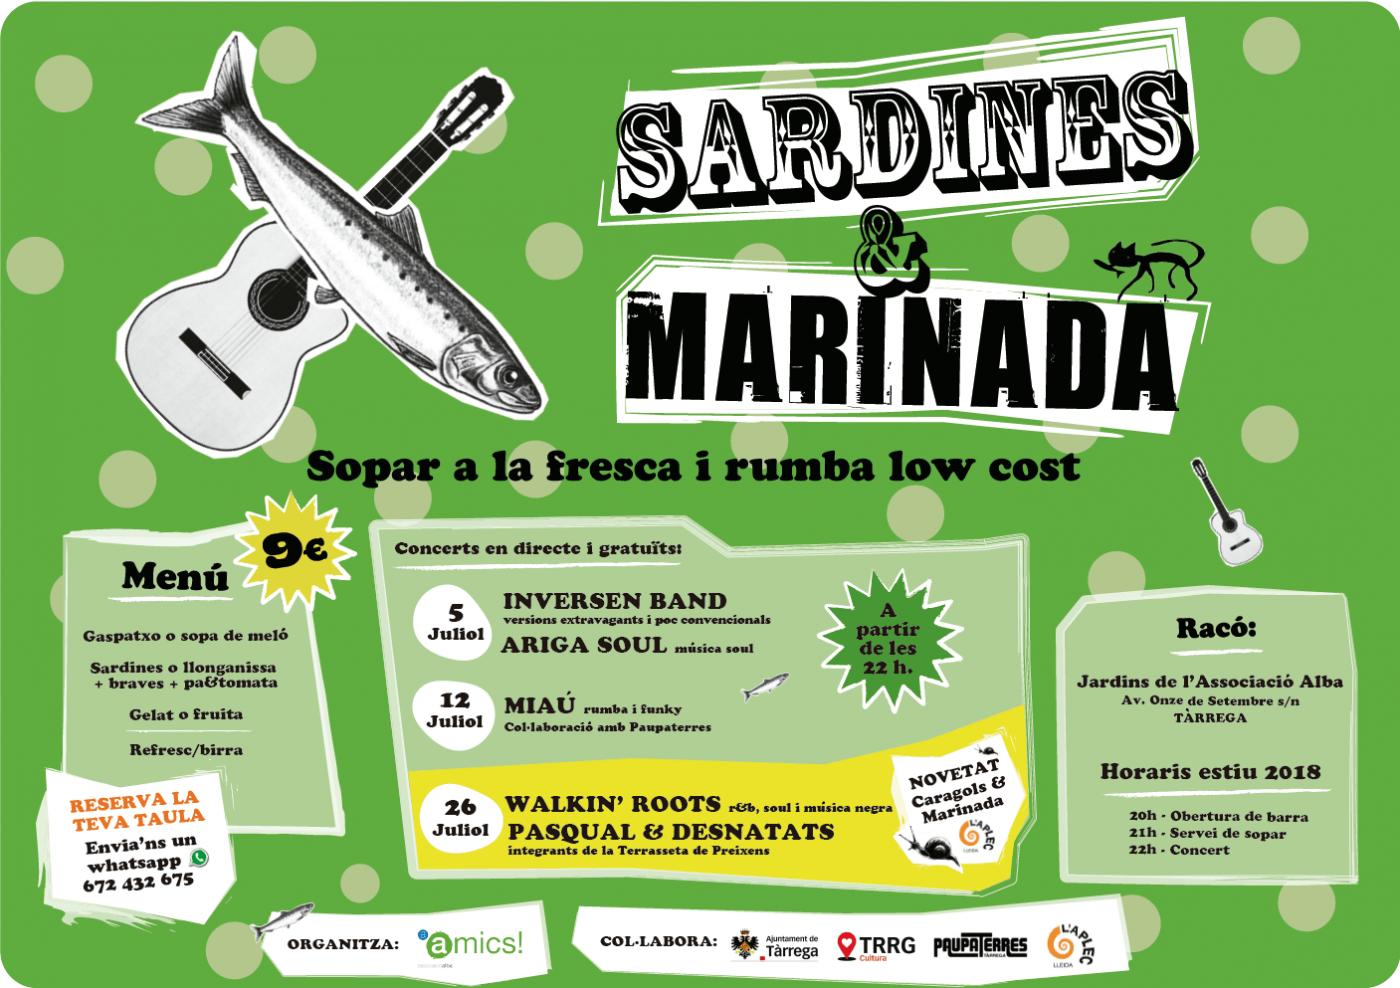 EL FESTIVAL SARDINES & MARINADA  OMPLIRÀ UN ANY MÉS ELS JARDINS DE L'ASSOCIACIÓ ALBA EL 5, 12 I 26 DE JULIOL